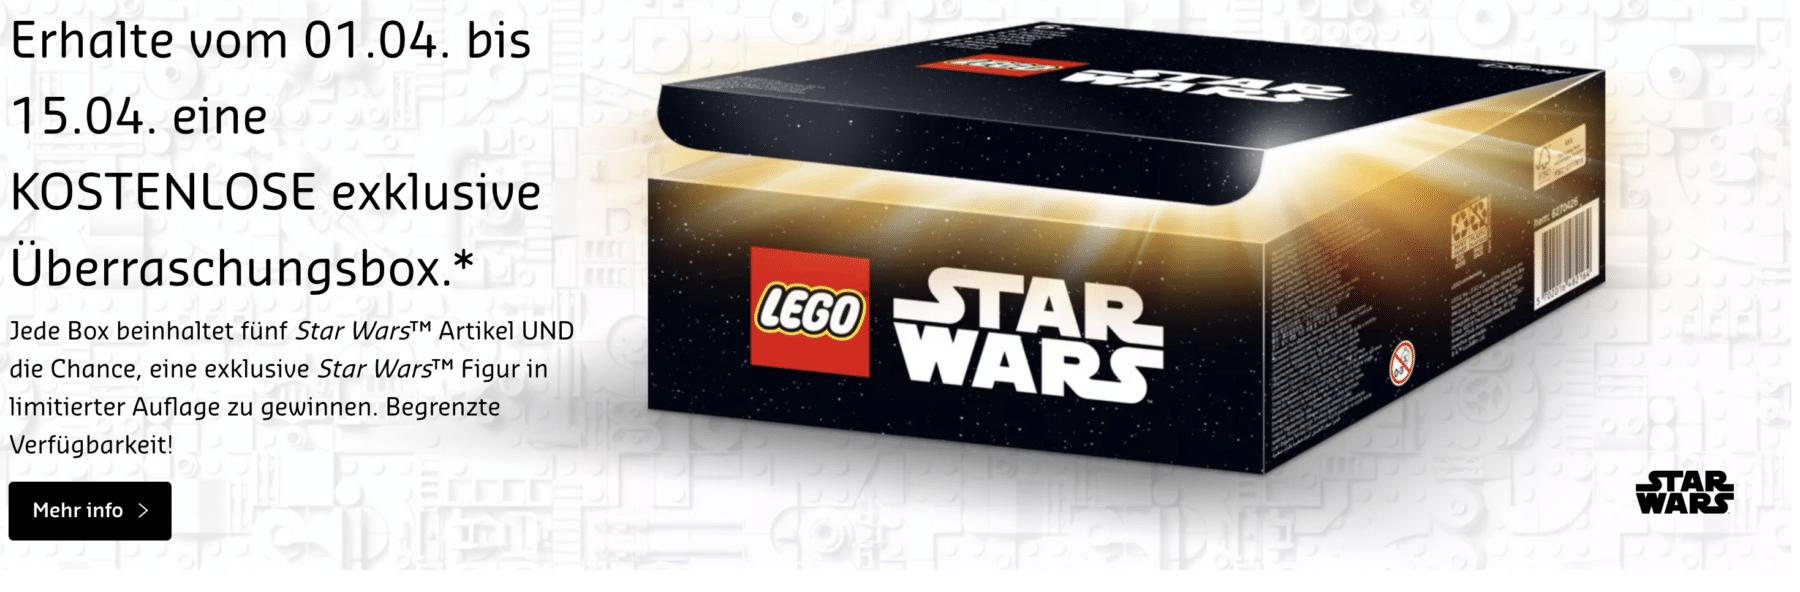 LEGO Star Wars Überraschungs-Box